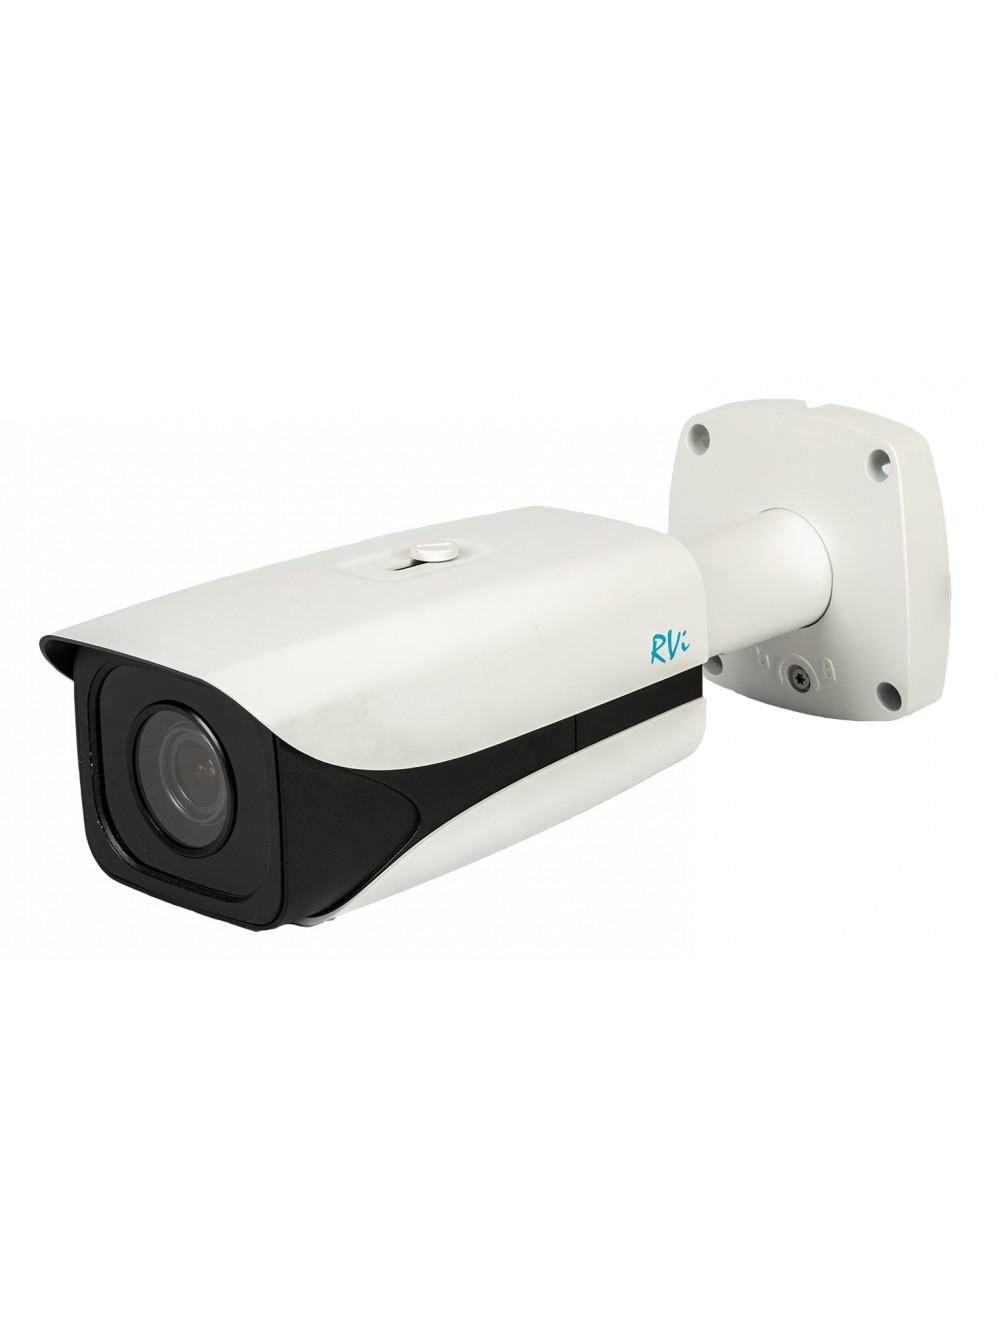 Нет изображения с камеры видеонаблюдения в браузере